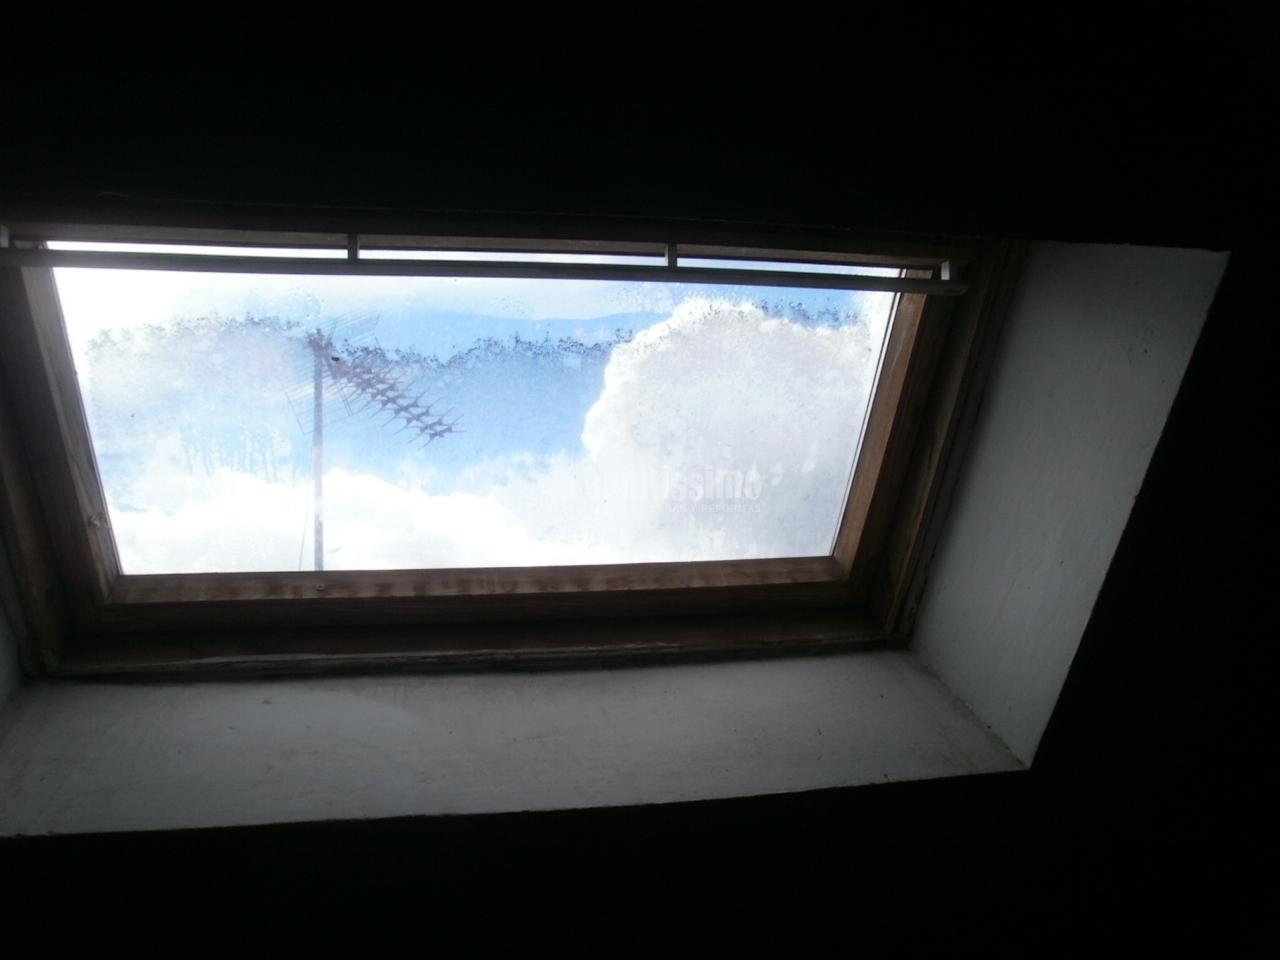 Cambiar ventana de buhardilla arganda del rey madrid - Presupuesto cambio ventanas ...